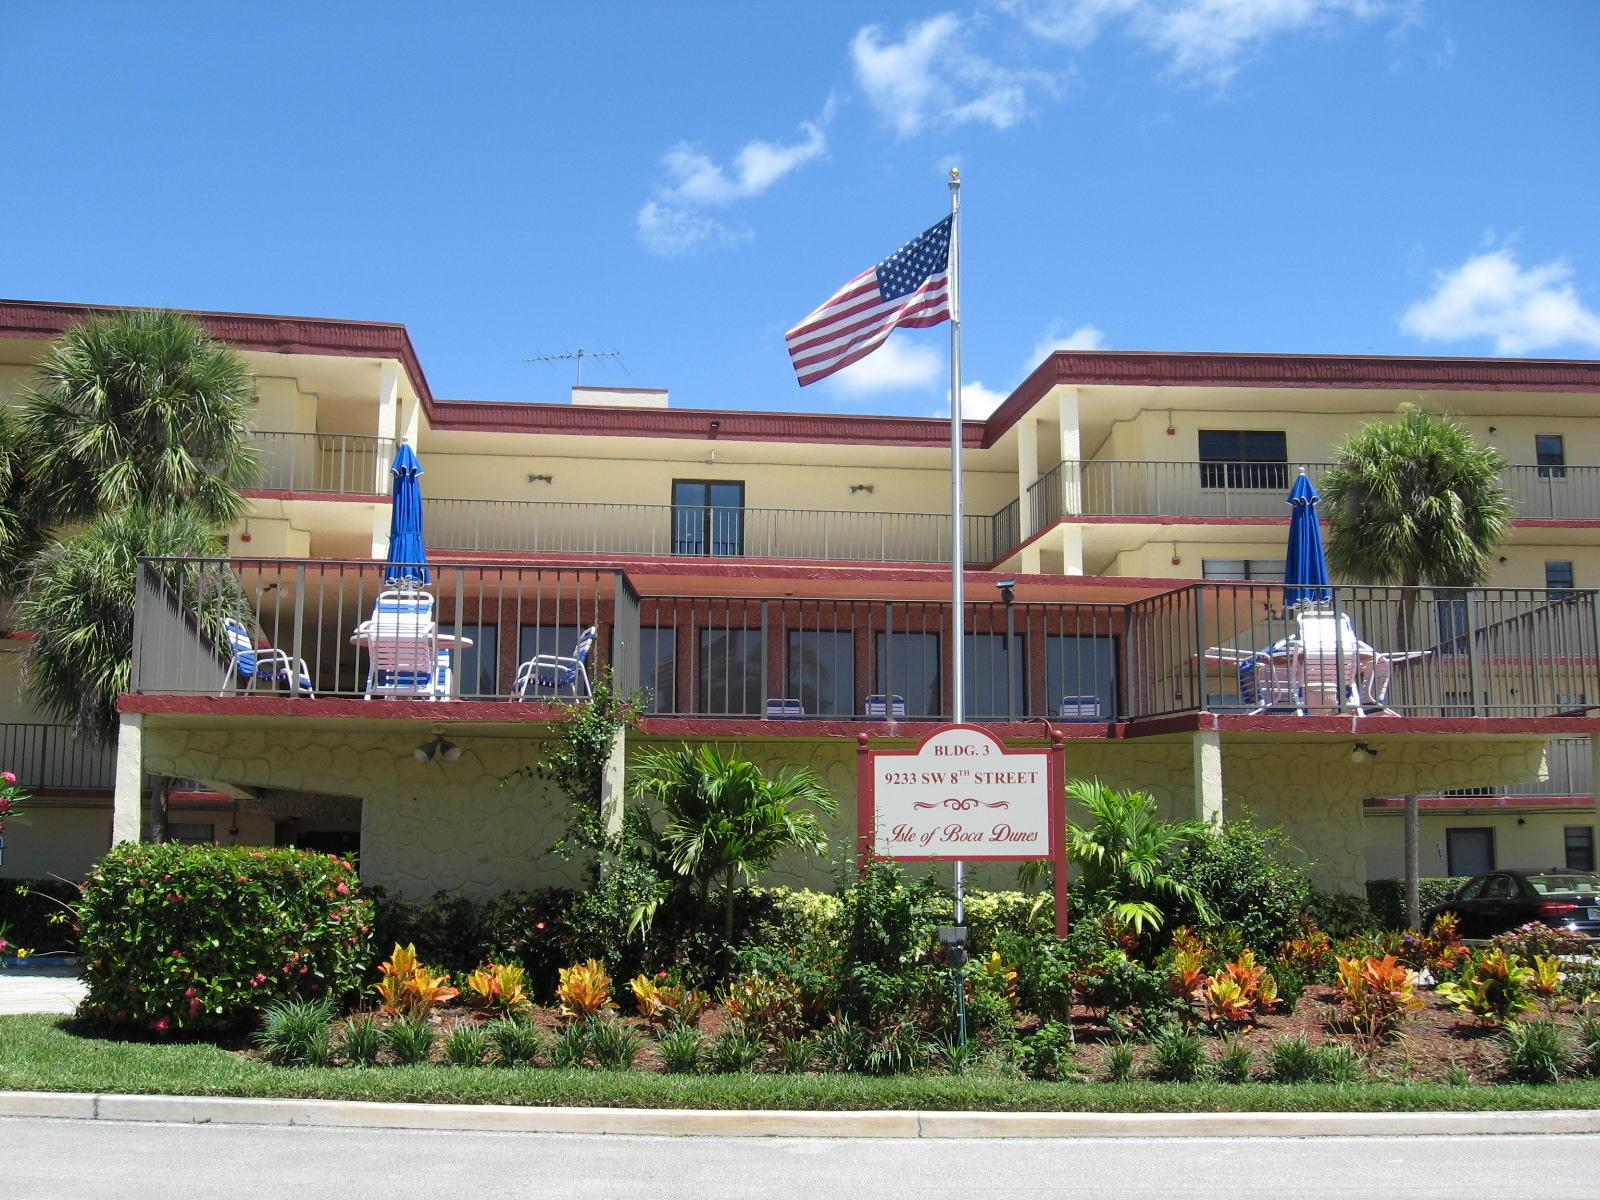 9233 Sw 8th Street #203 Boca Raton, FL 33428